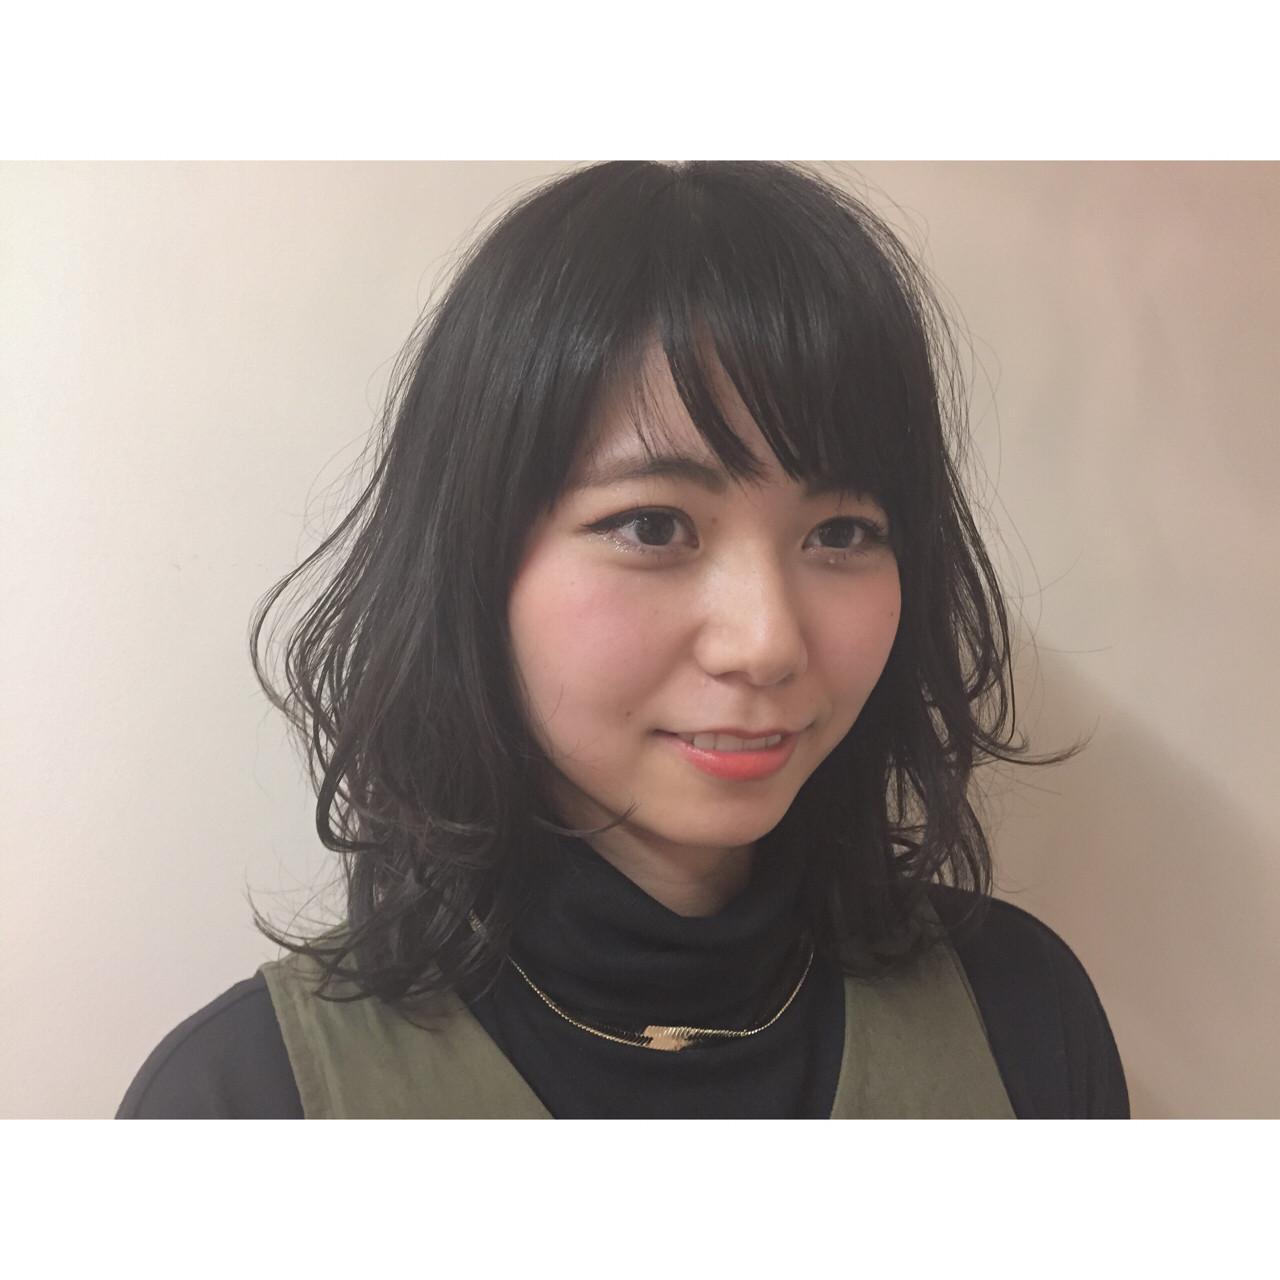 Ryuuki